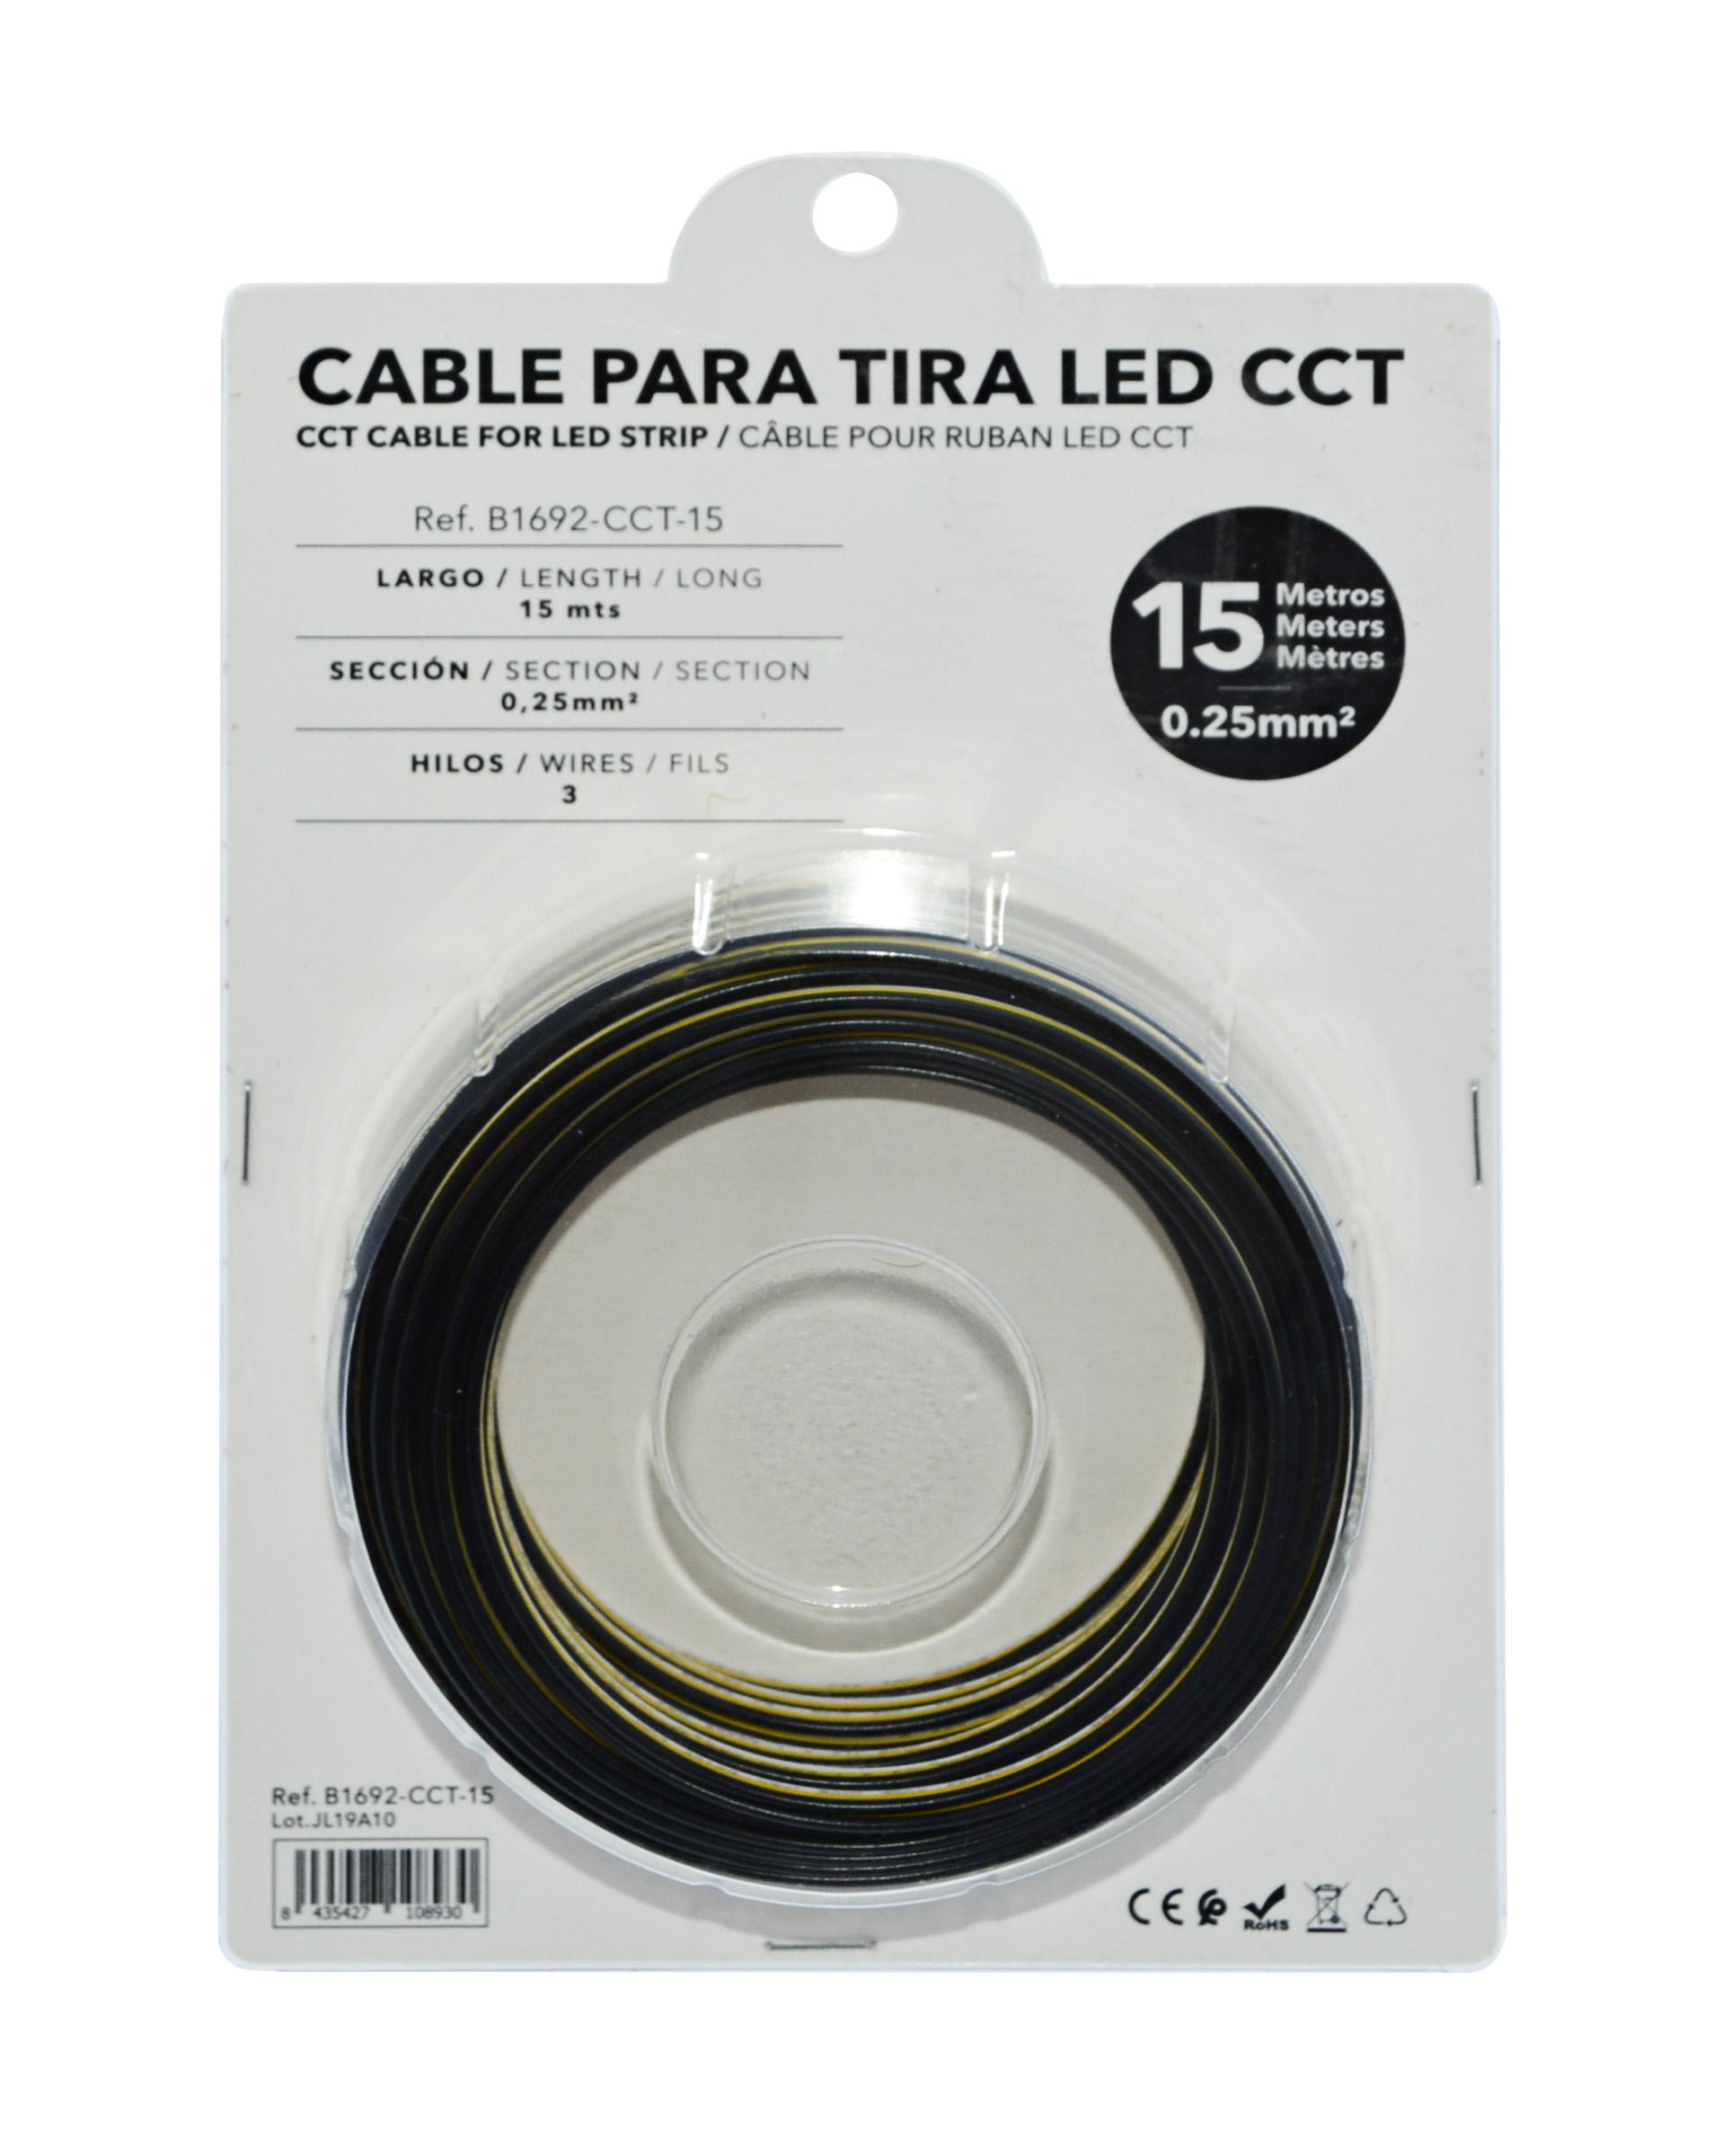 cable para tiras LED CCT